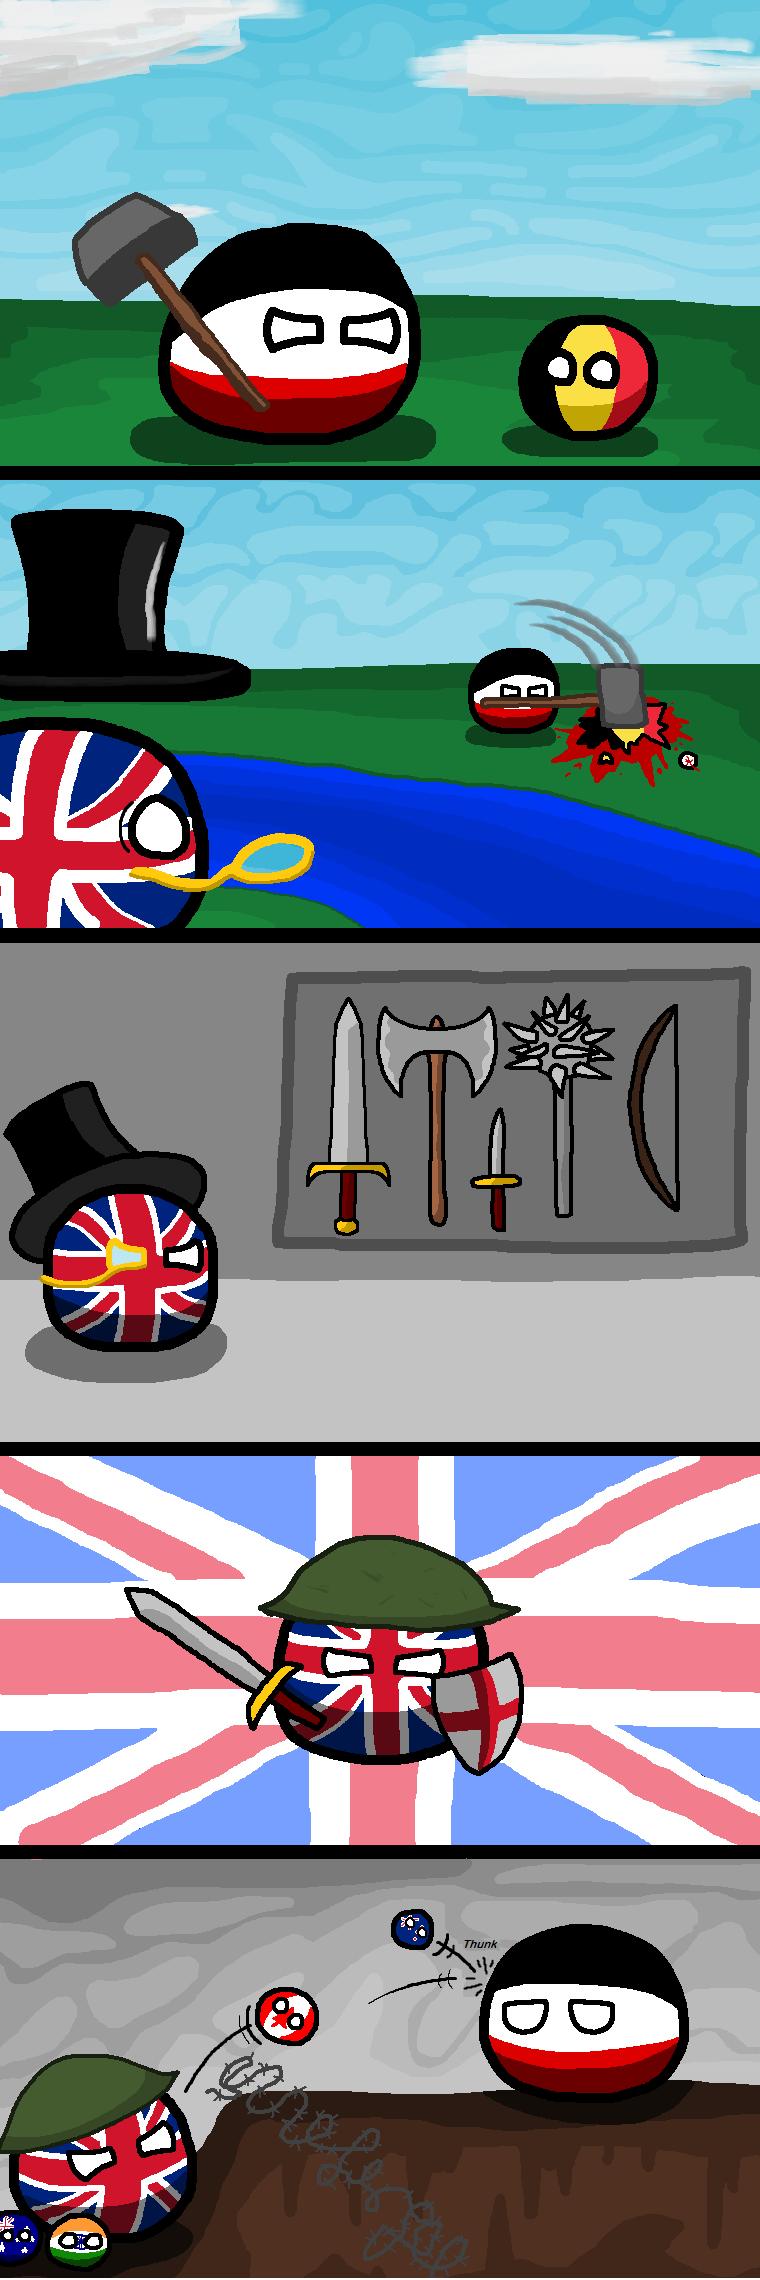 country-balls-the-british-way